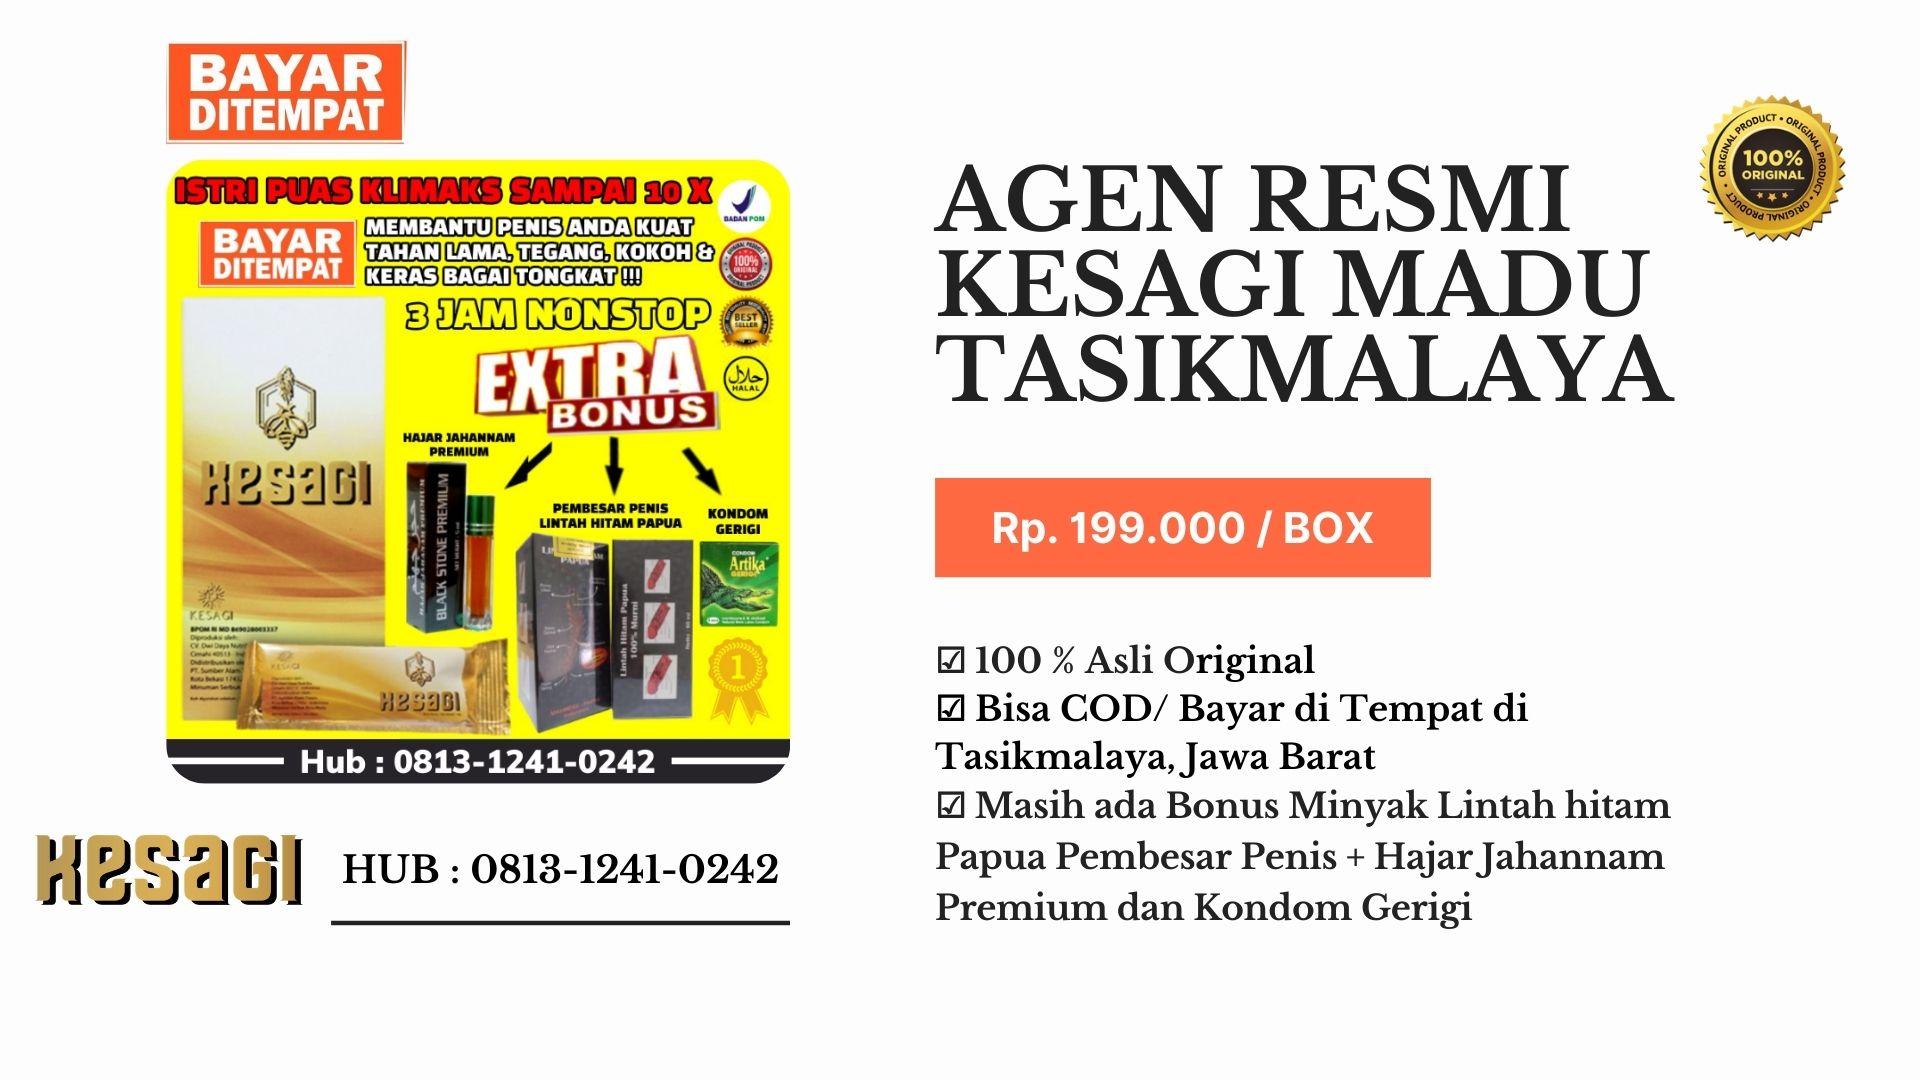 Agen Resmi Madu Kesagi Tasikmalaya Hub : 0813-1241-0242